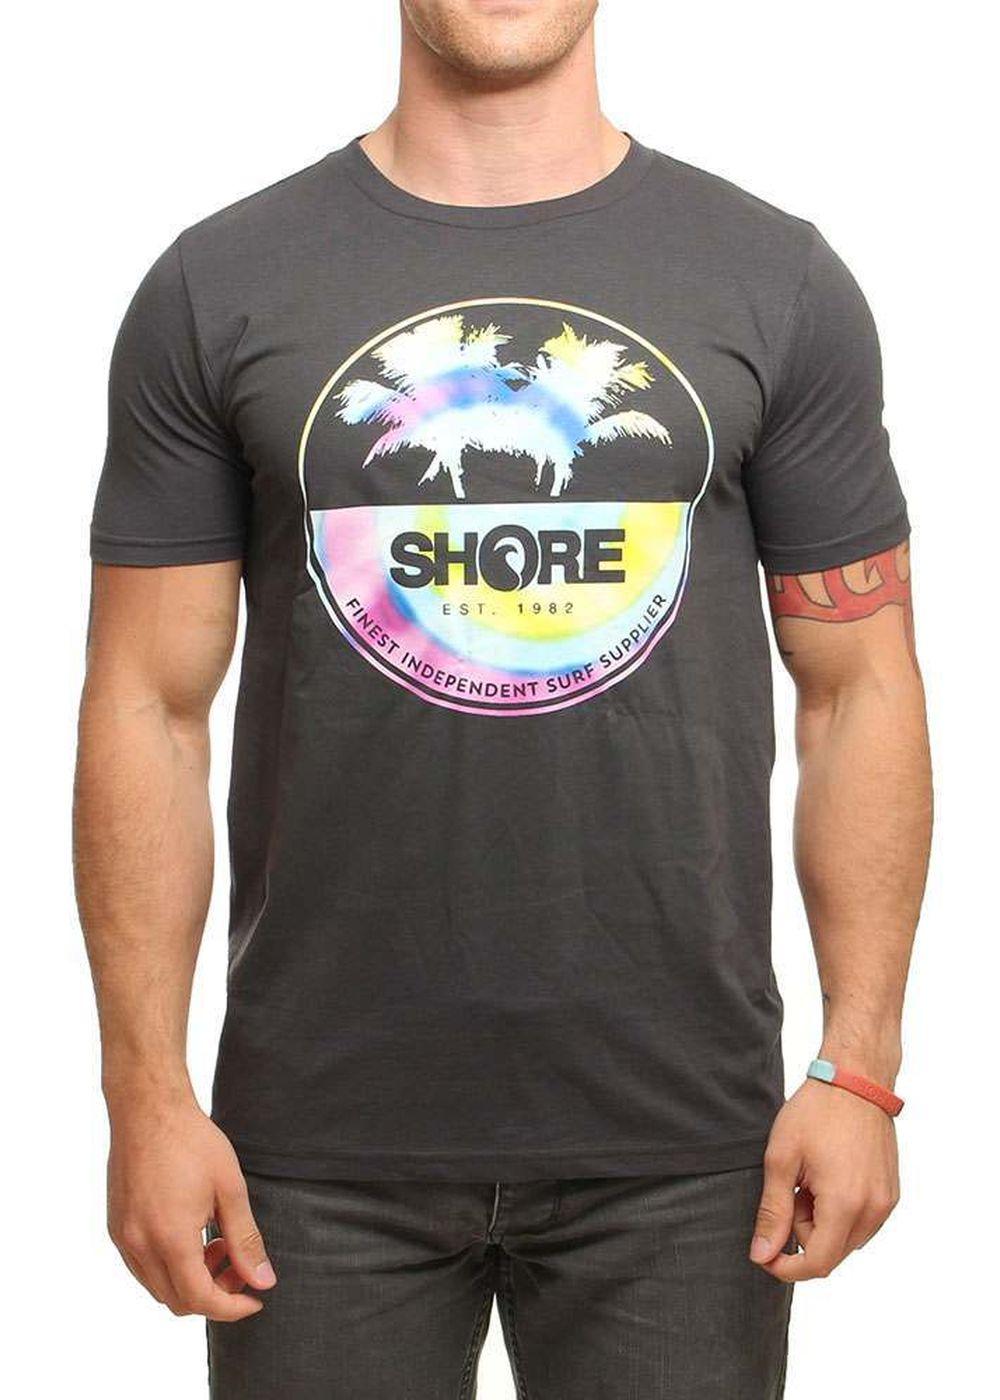 http://www.shore.co.uk/media/catalog/product/S/H/SHTDCDKGa.jpg